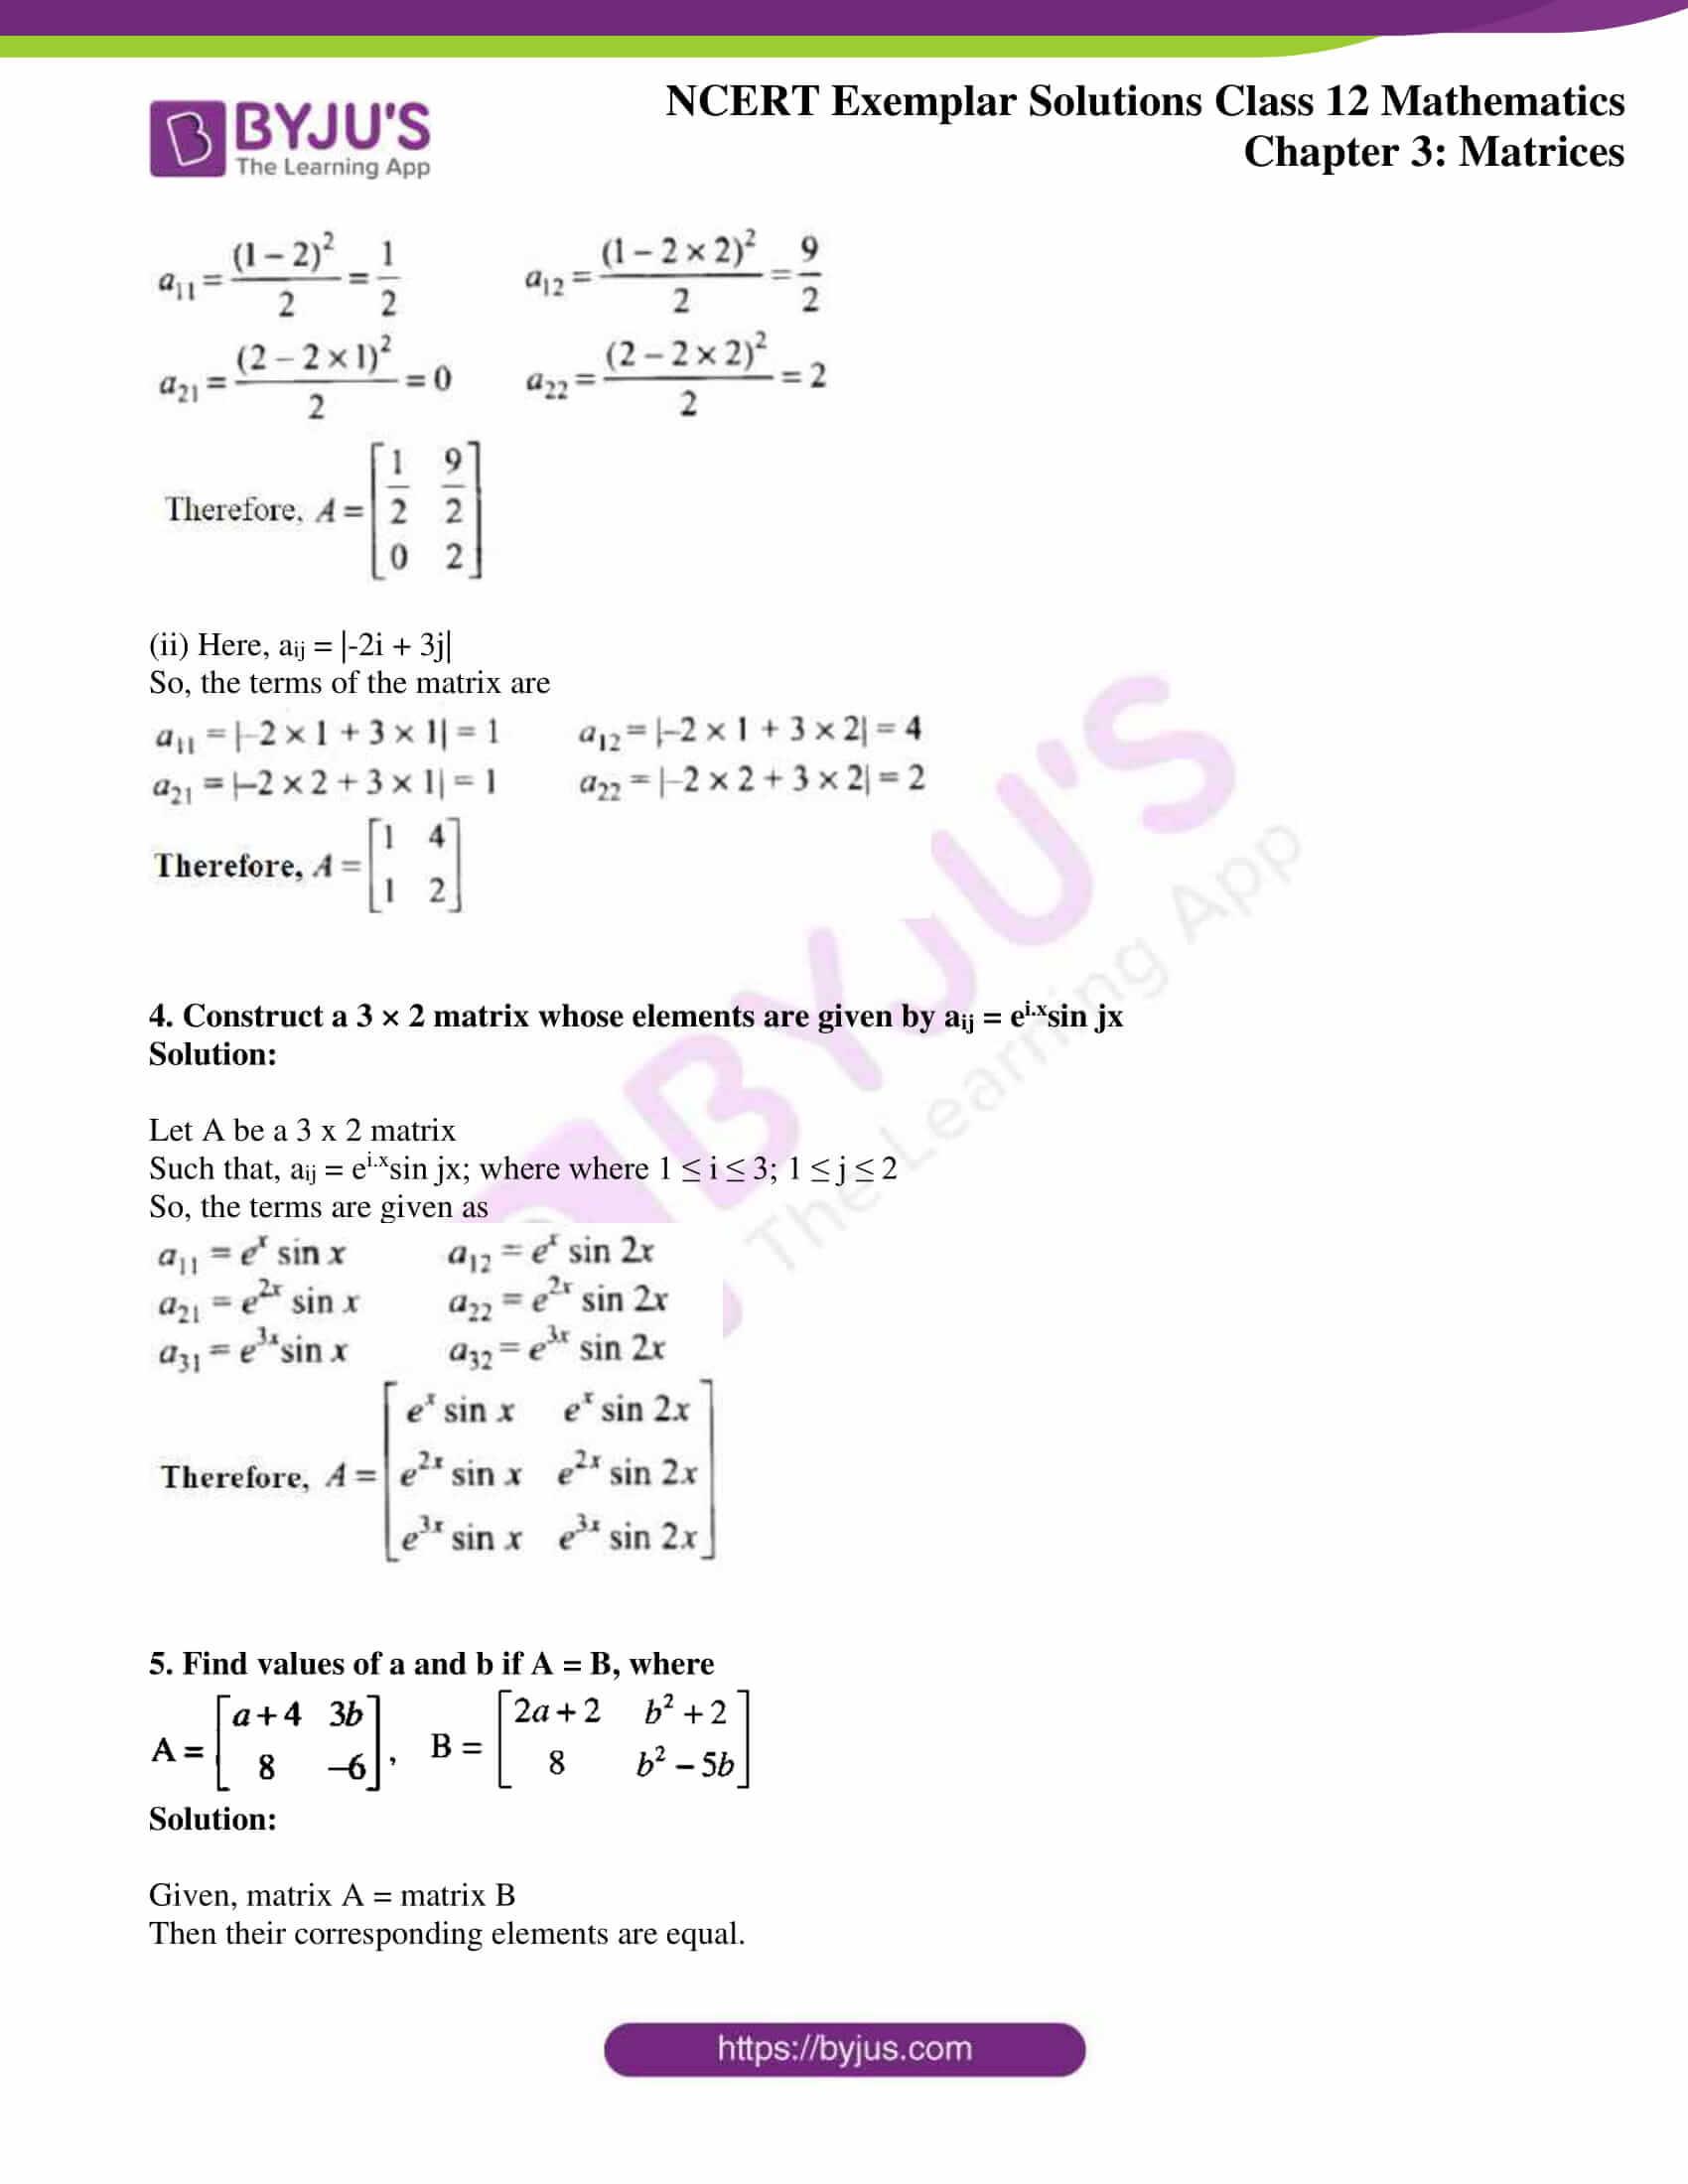 ncert exemplar sol class 12 math ch3 02